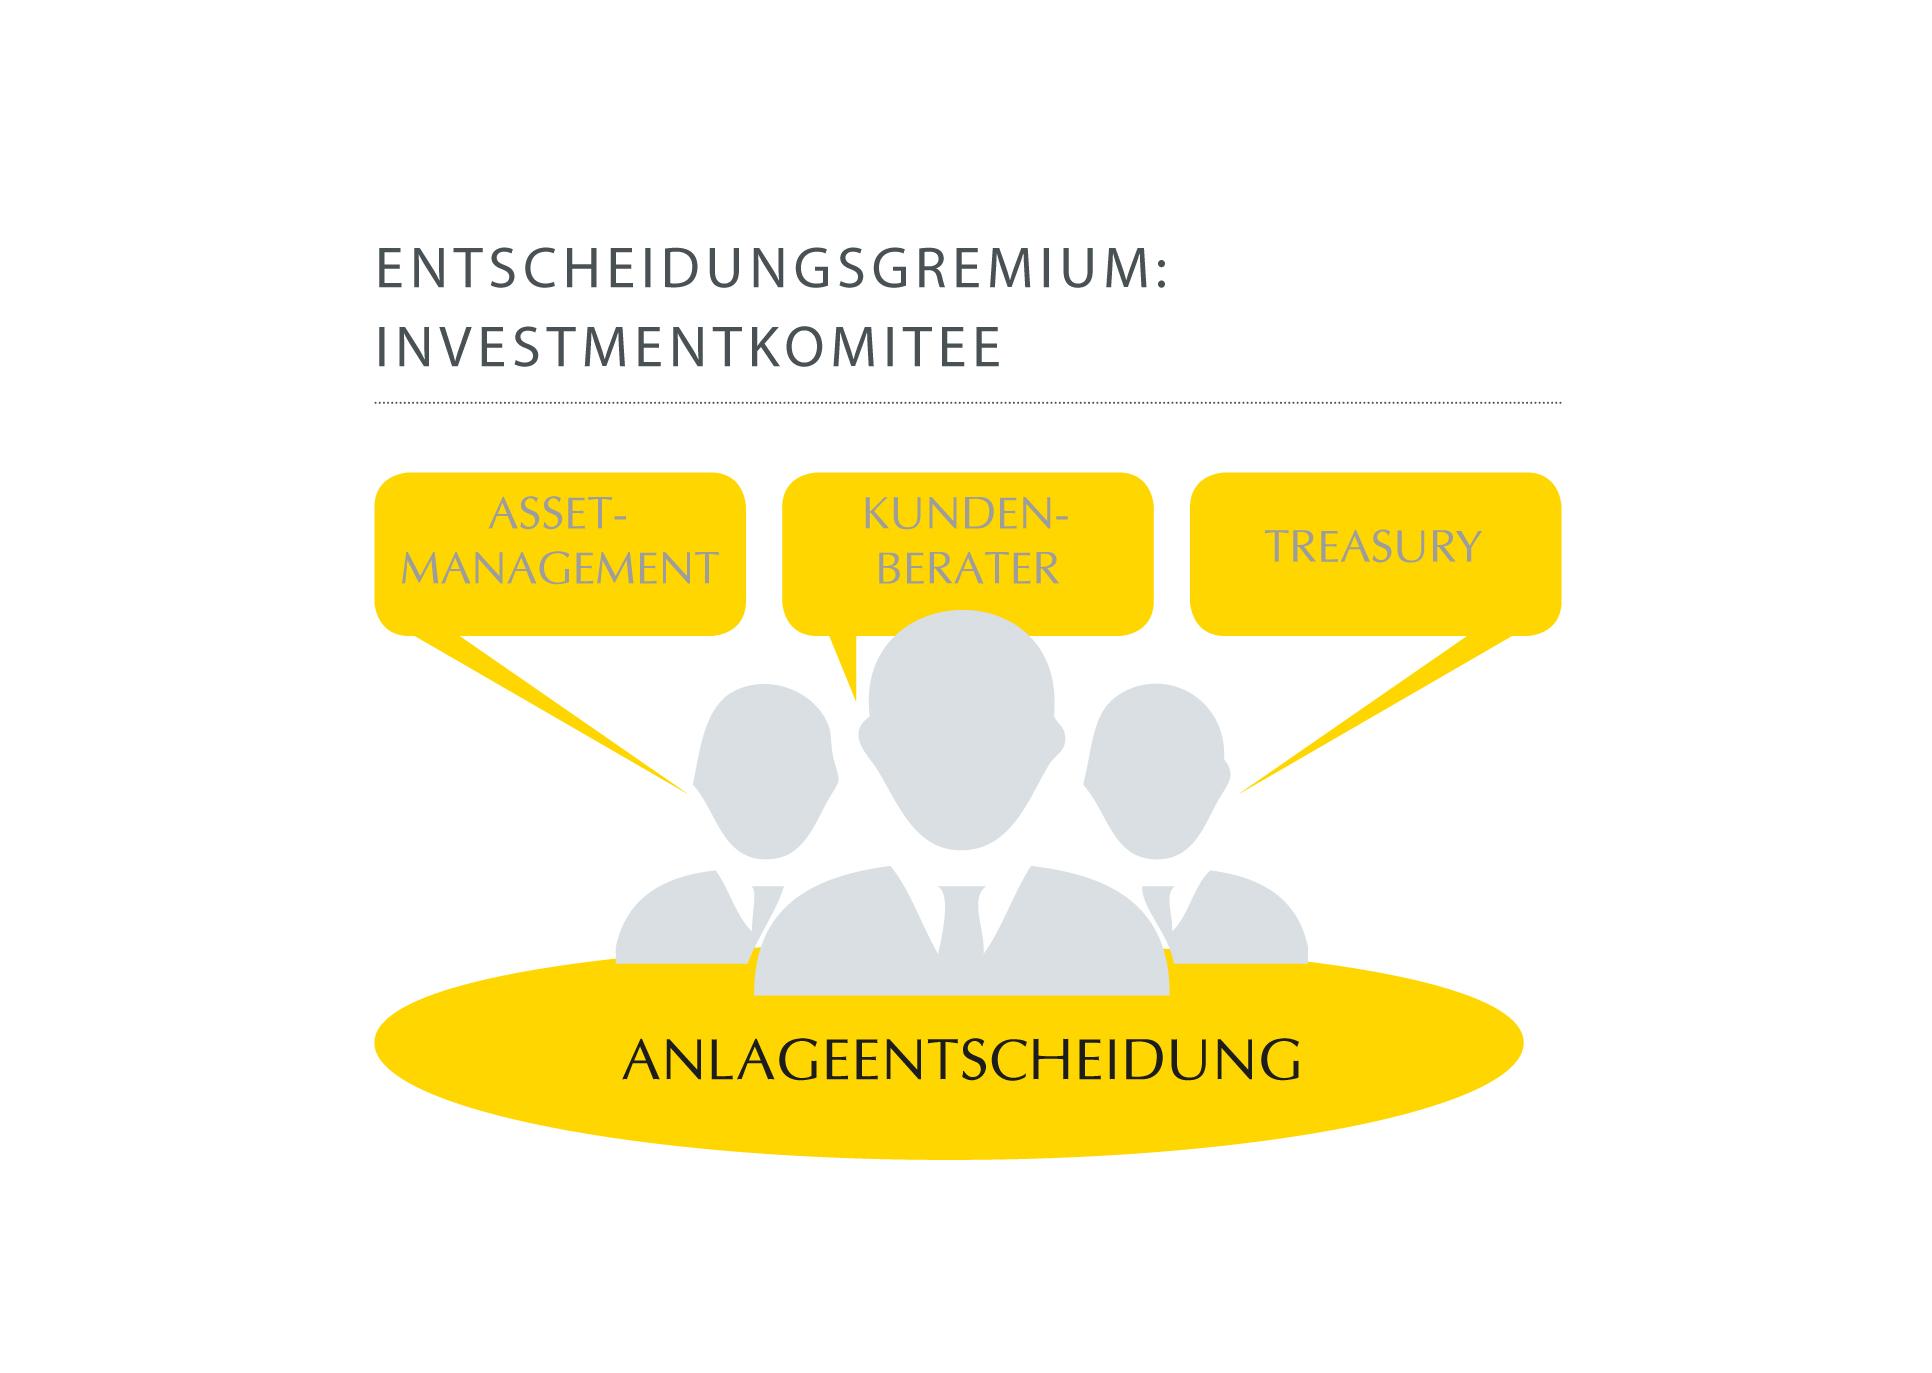 Pax-Vermögens-Konzept: Entscheidungsgremium Investmentkomitee